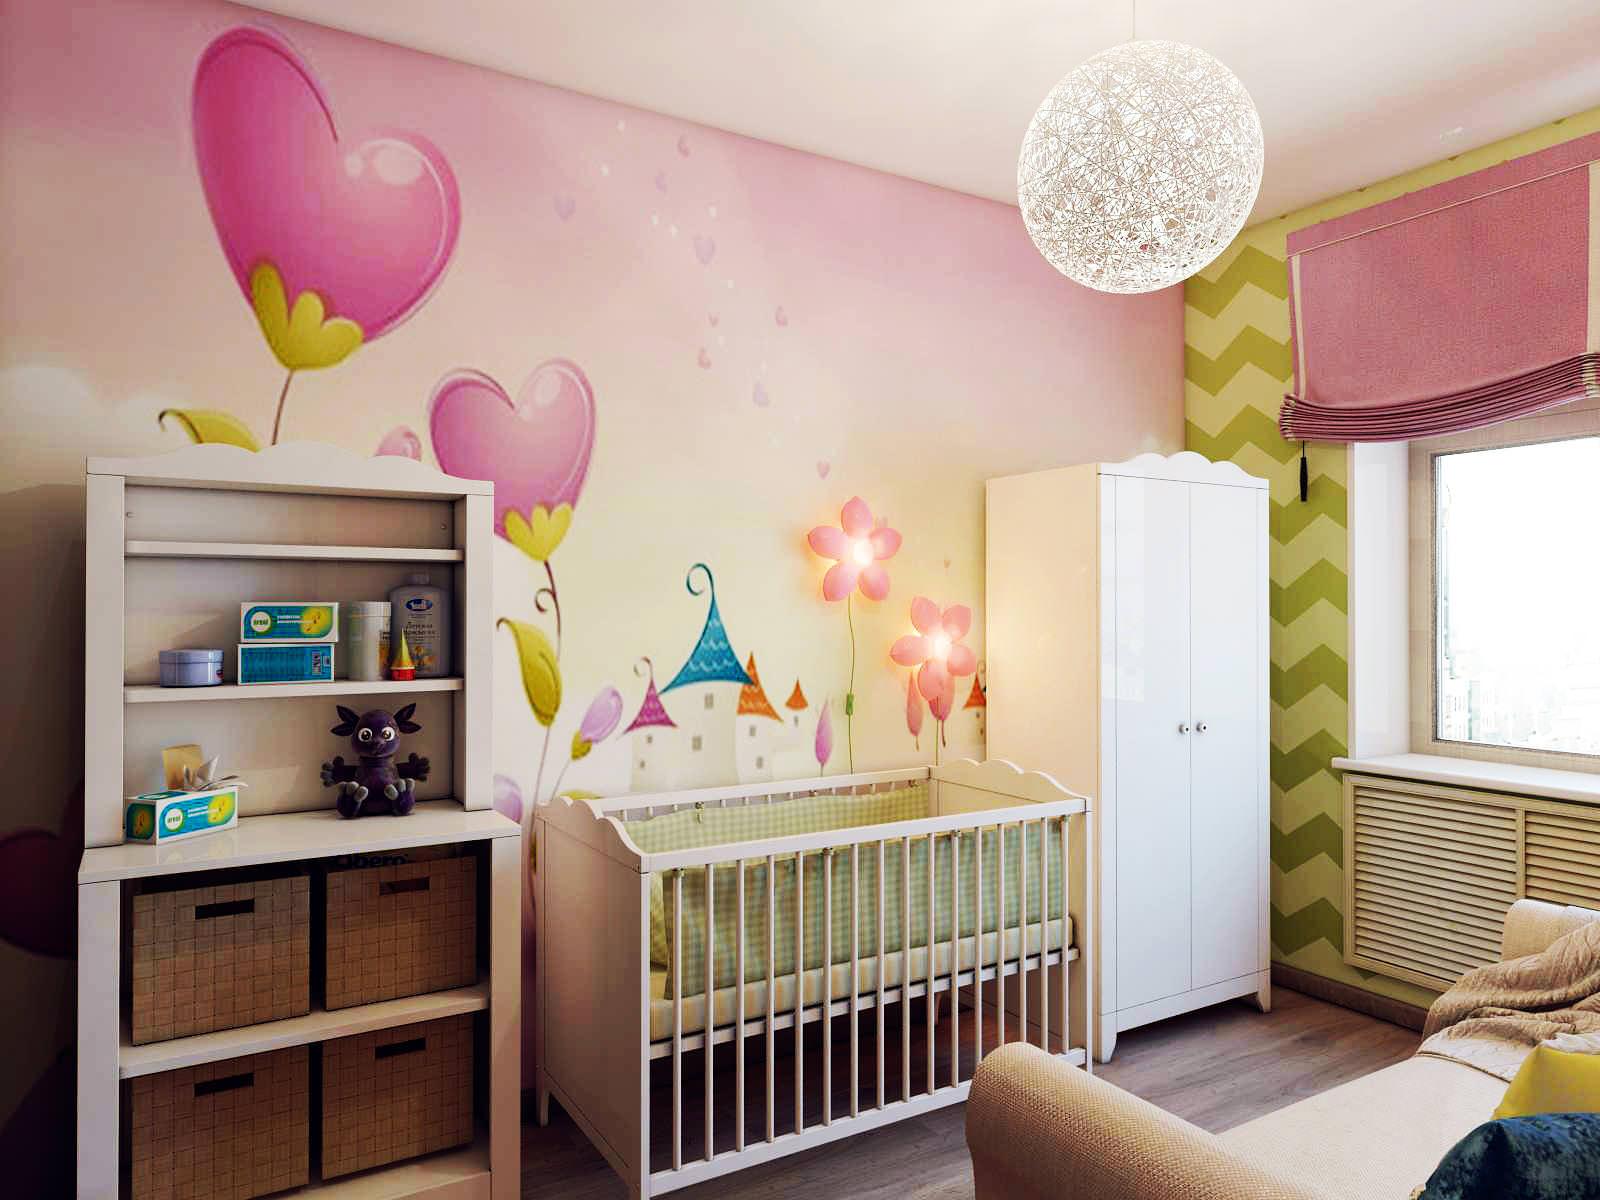 mini-apartament-sas-svej-i-praktichen-interioren-dizain-44-m-8g